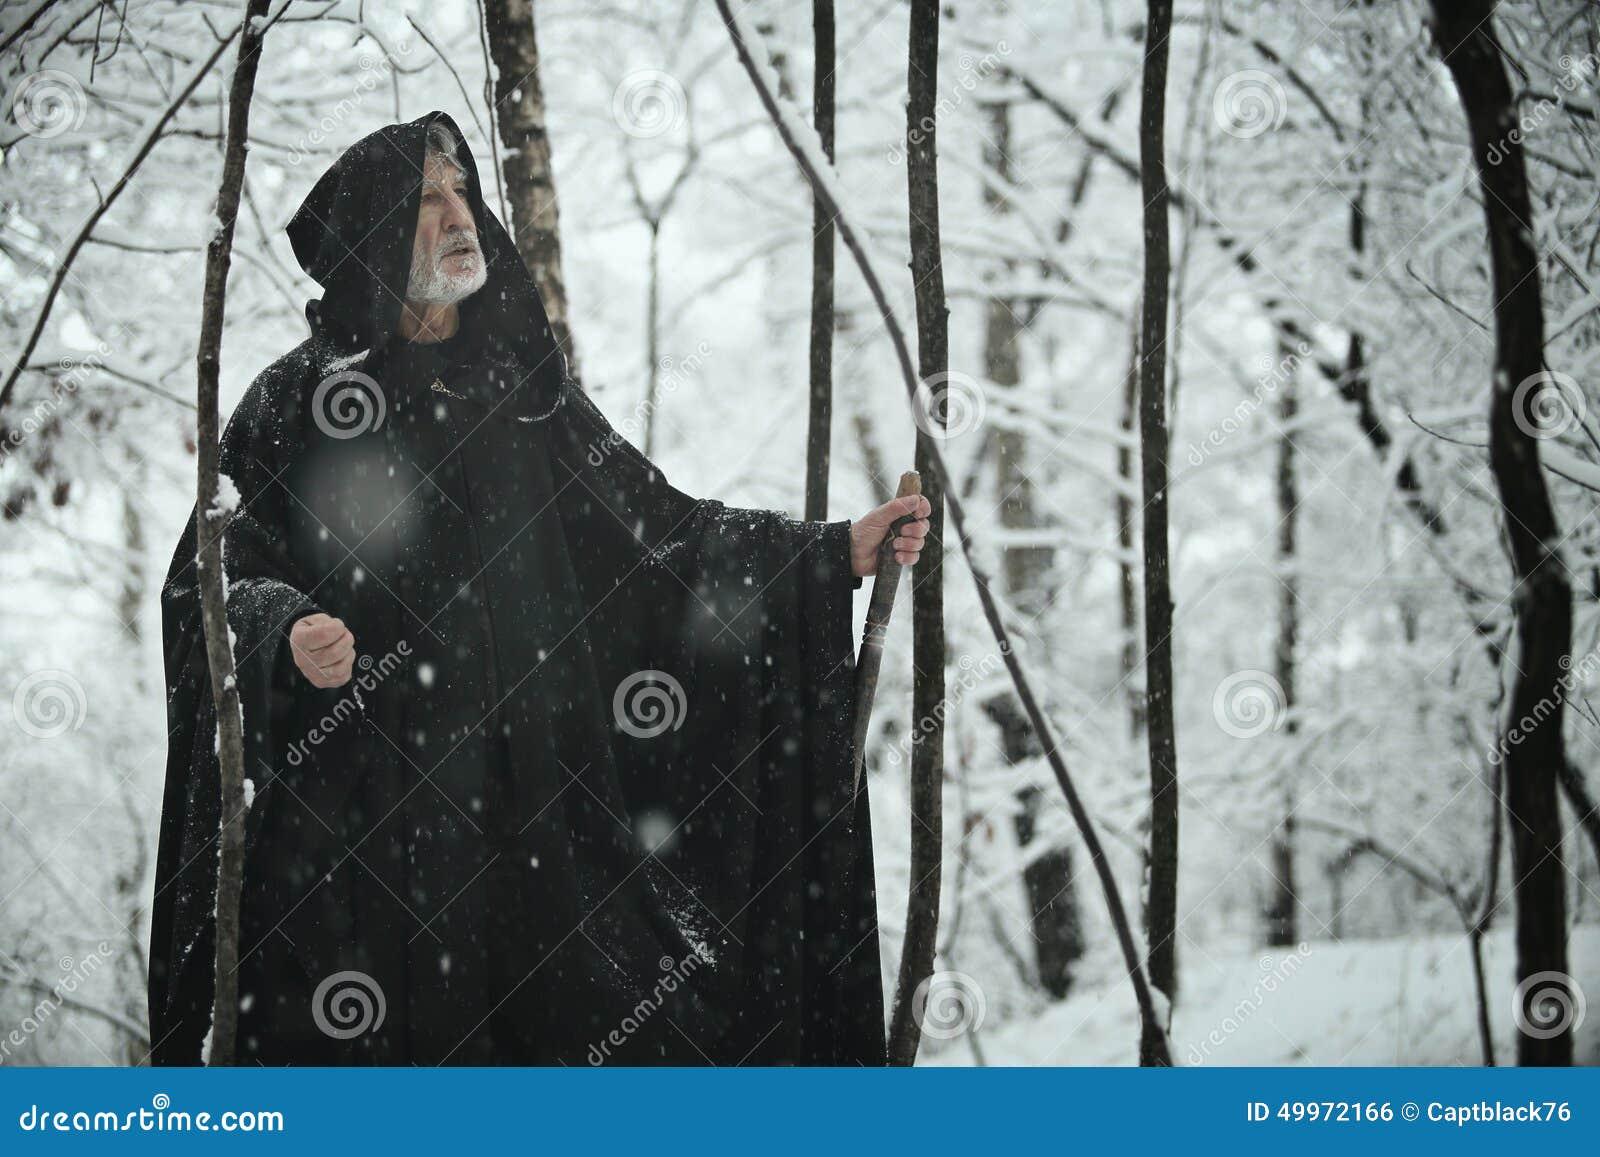 Gammal klok man i mörk skog